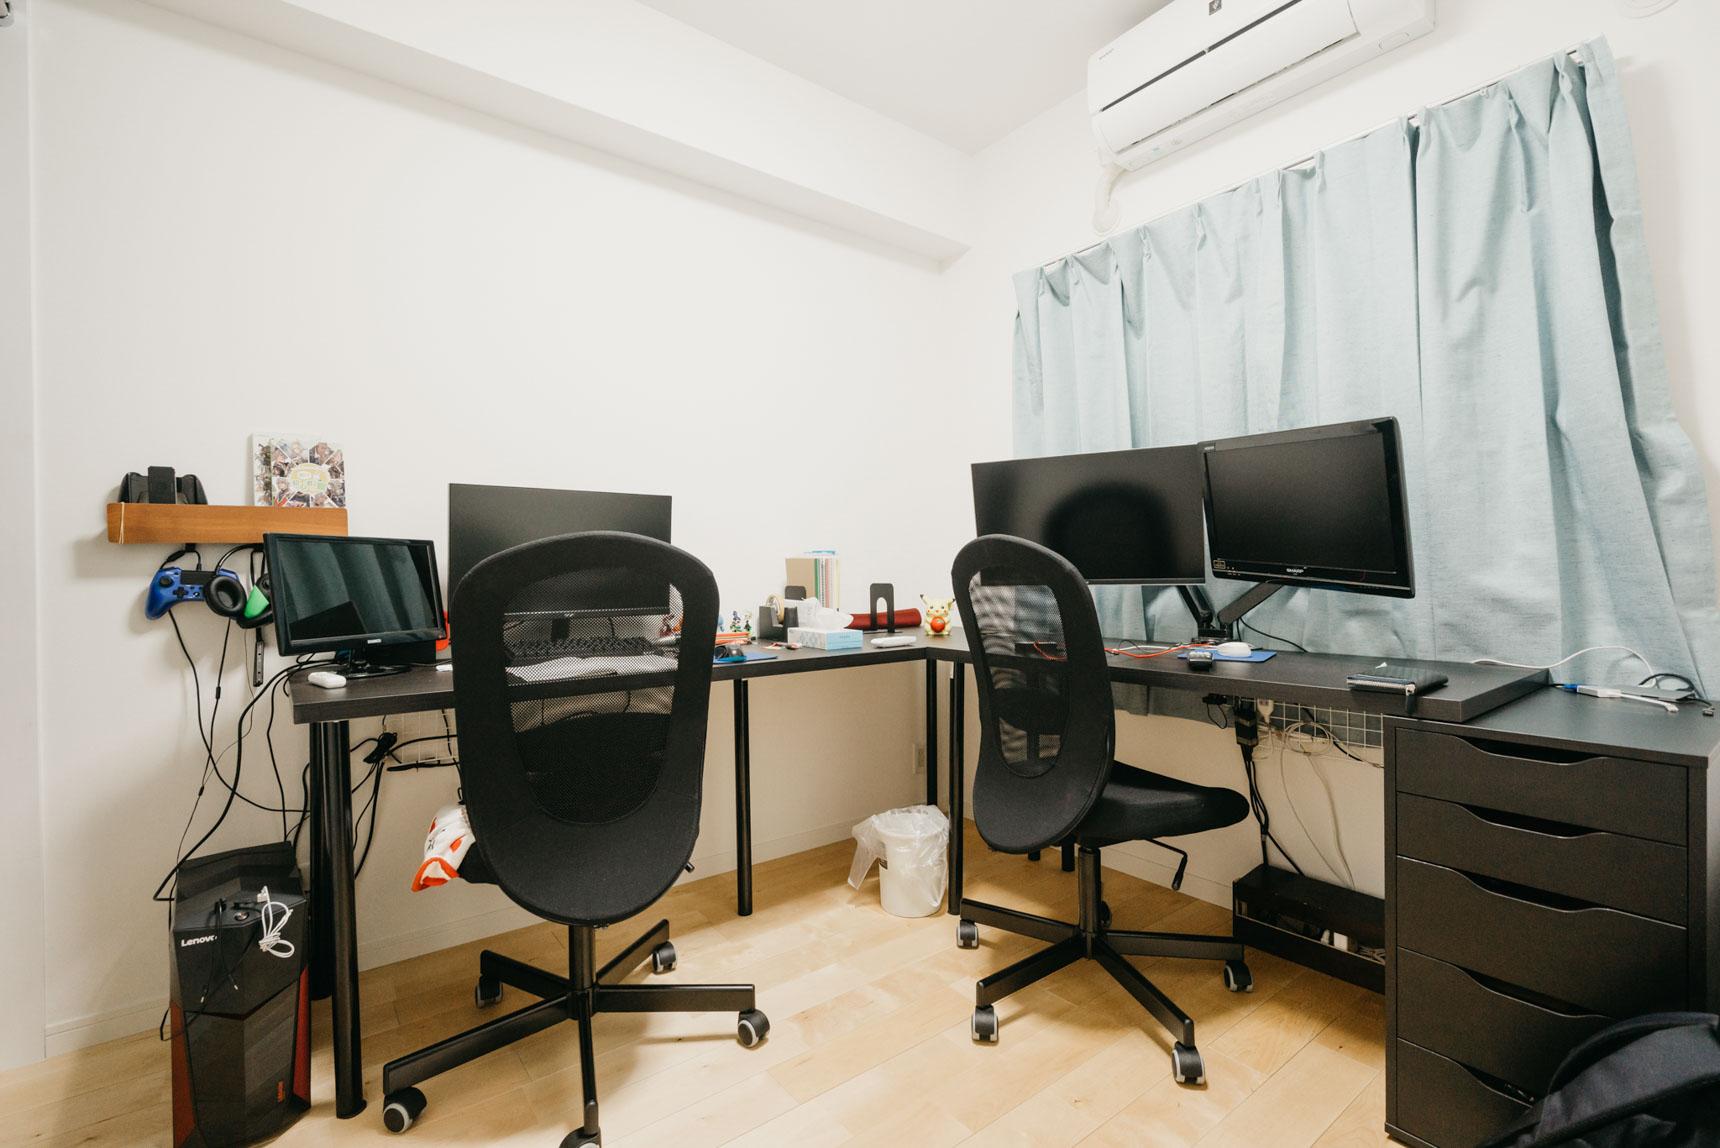 2部屋ある居室のうち1つはベッドルームに。もう1部屋は、書斎として使っています。おふたりの共通の趣味である、ゲームの機材もこちらに。